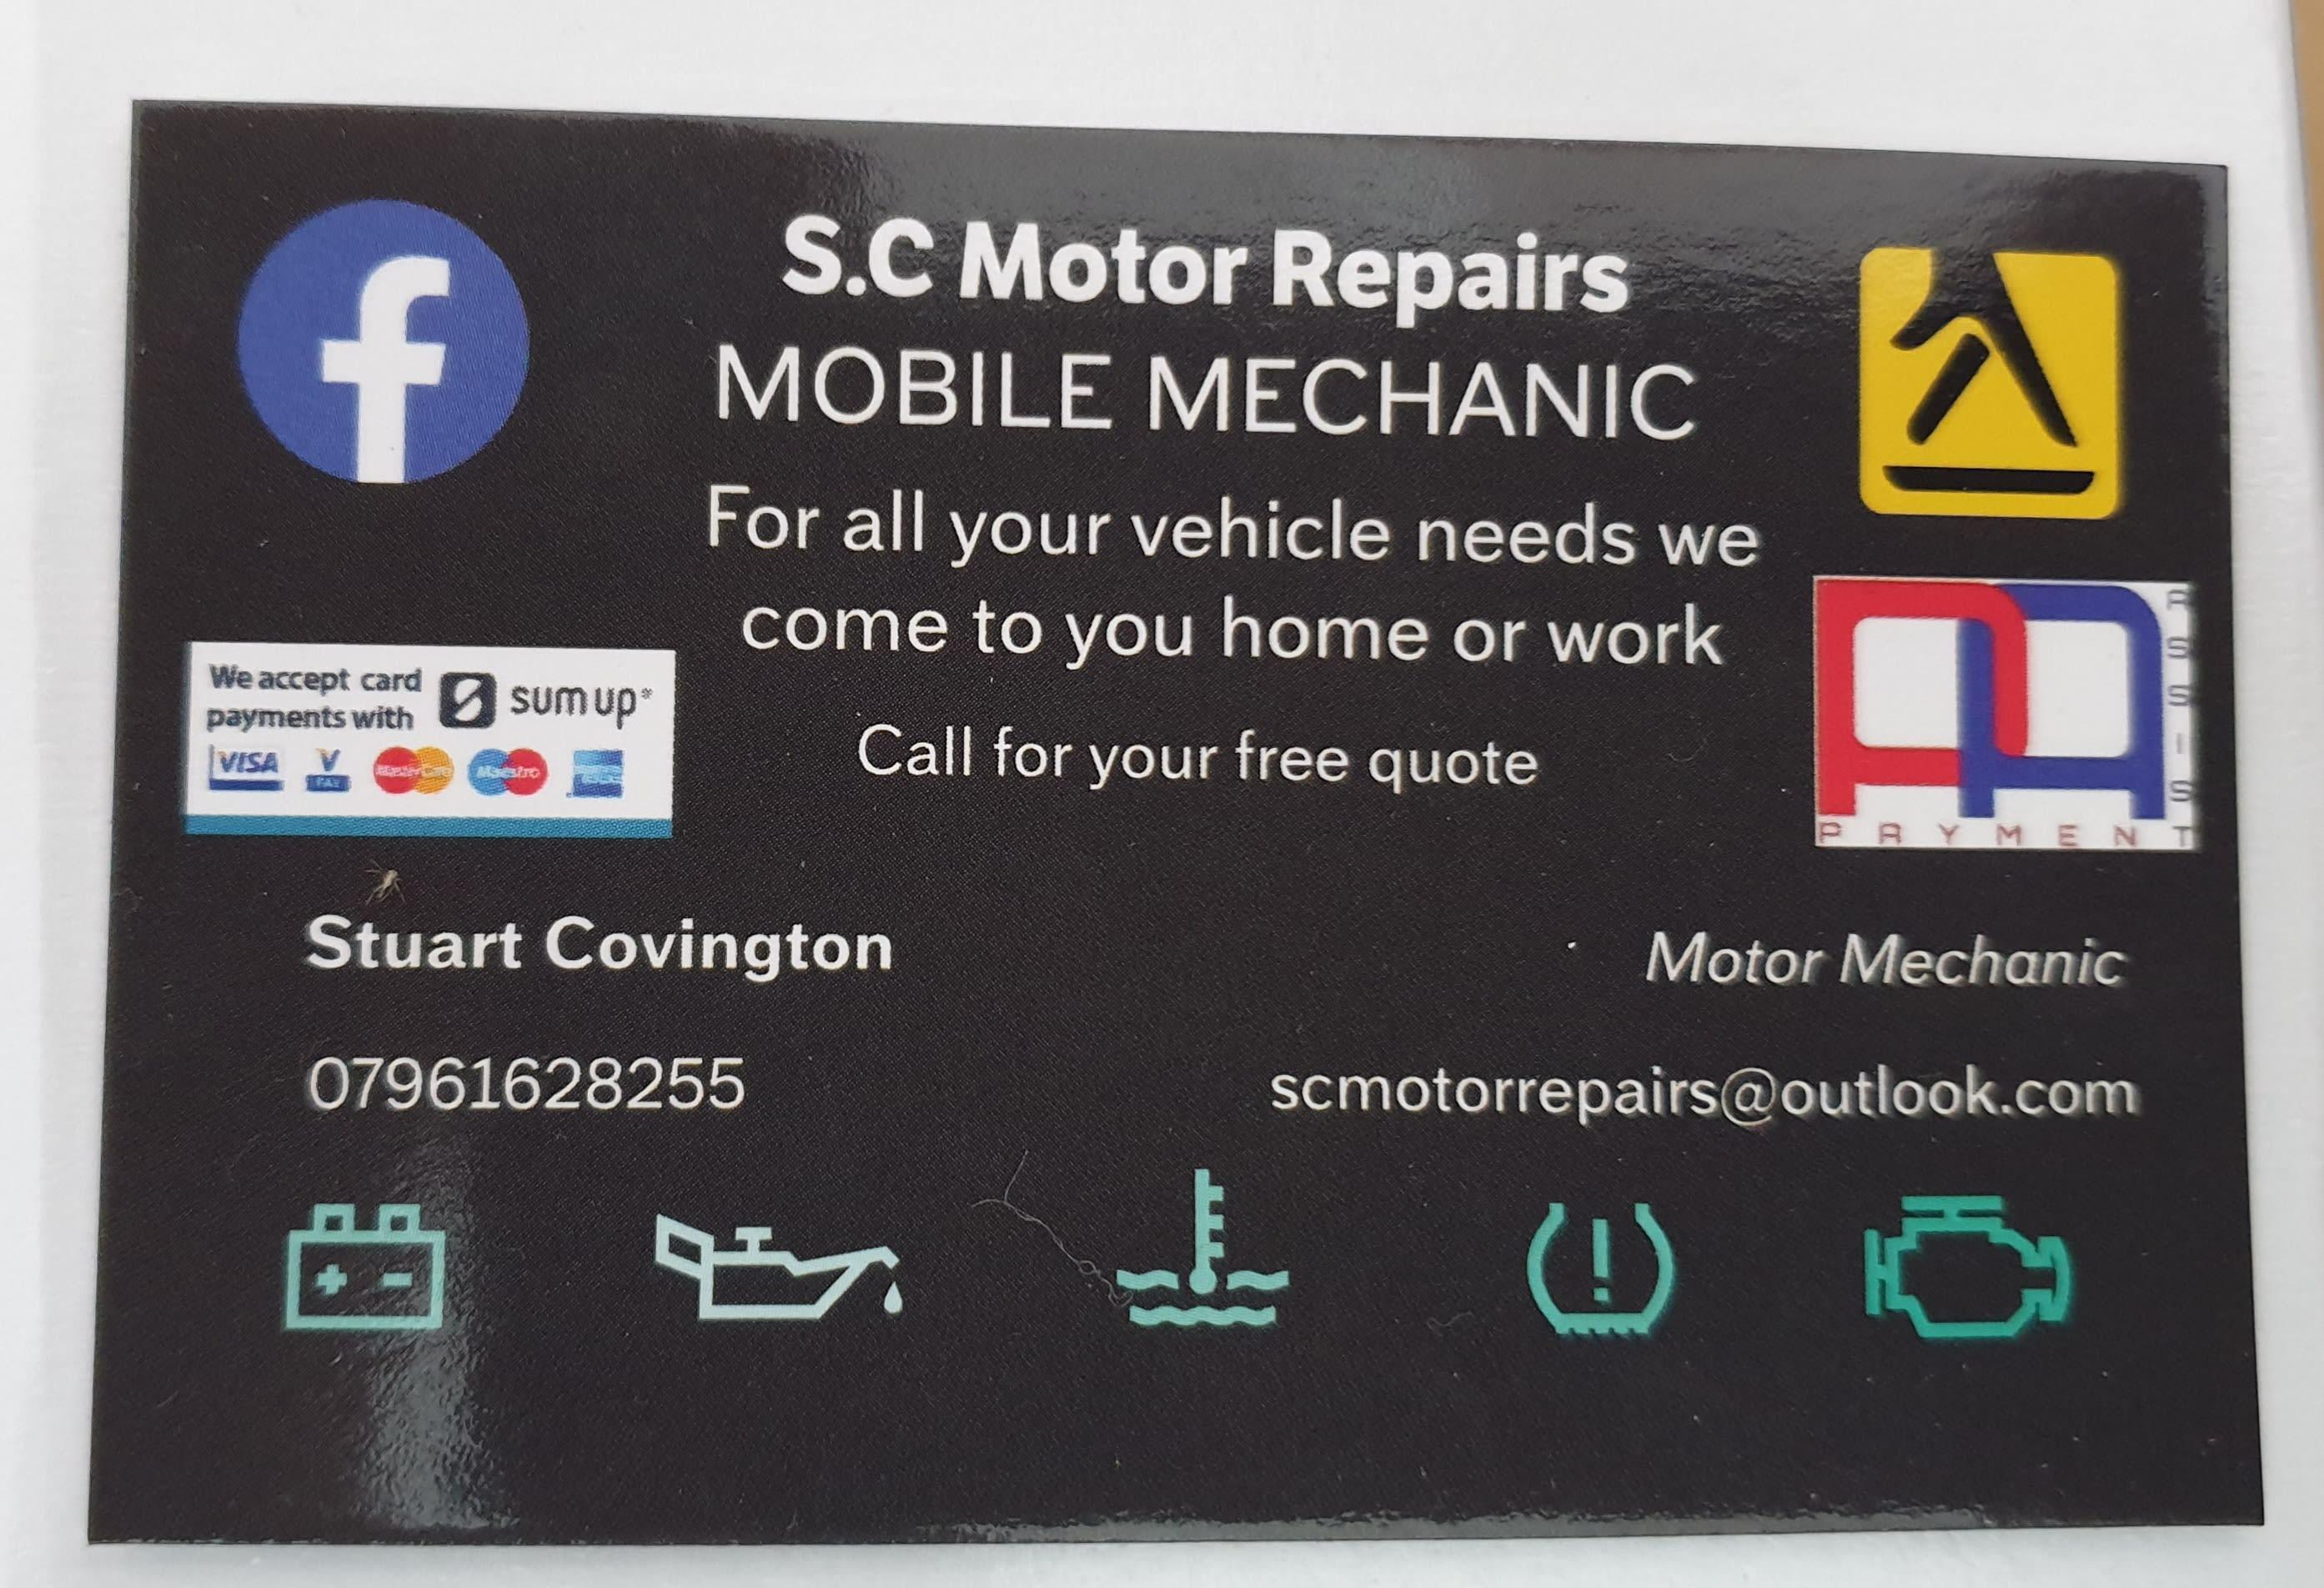 S.C Motor Repairs